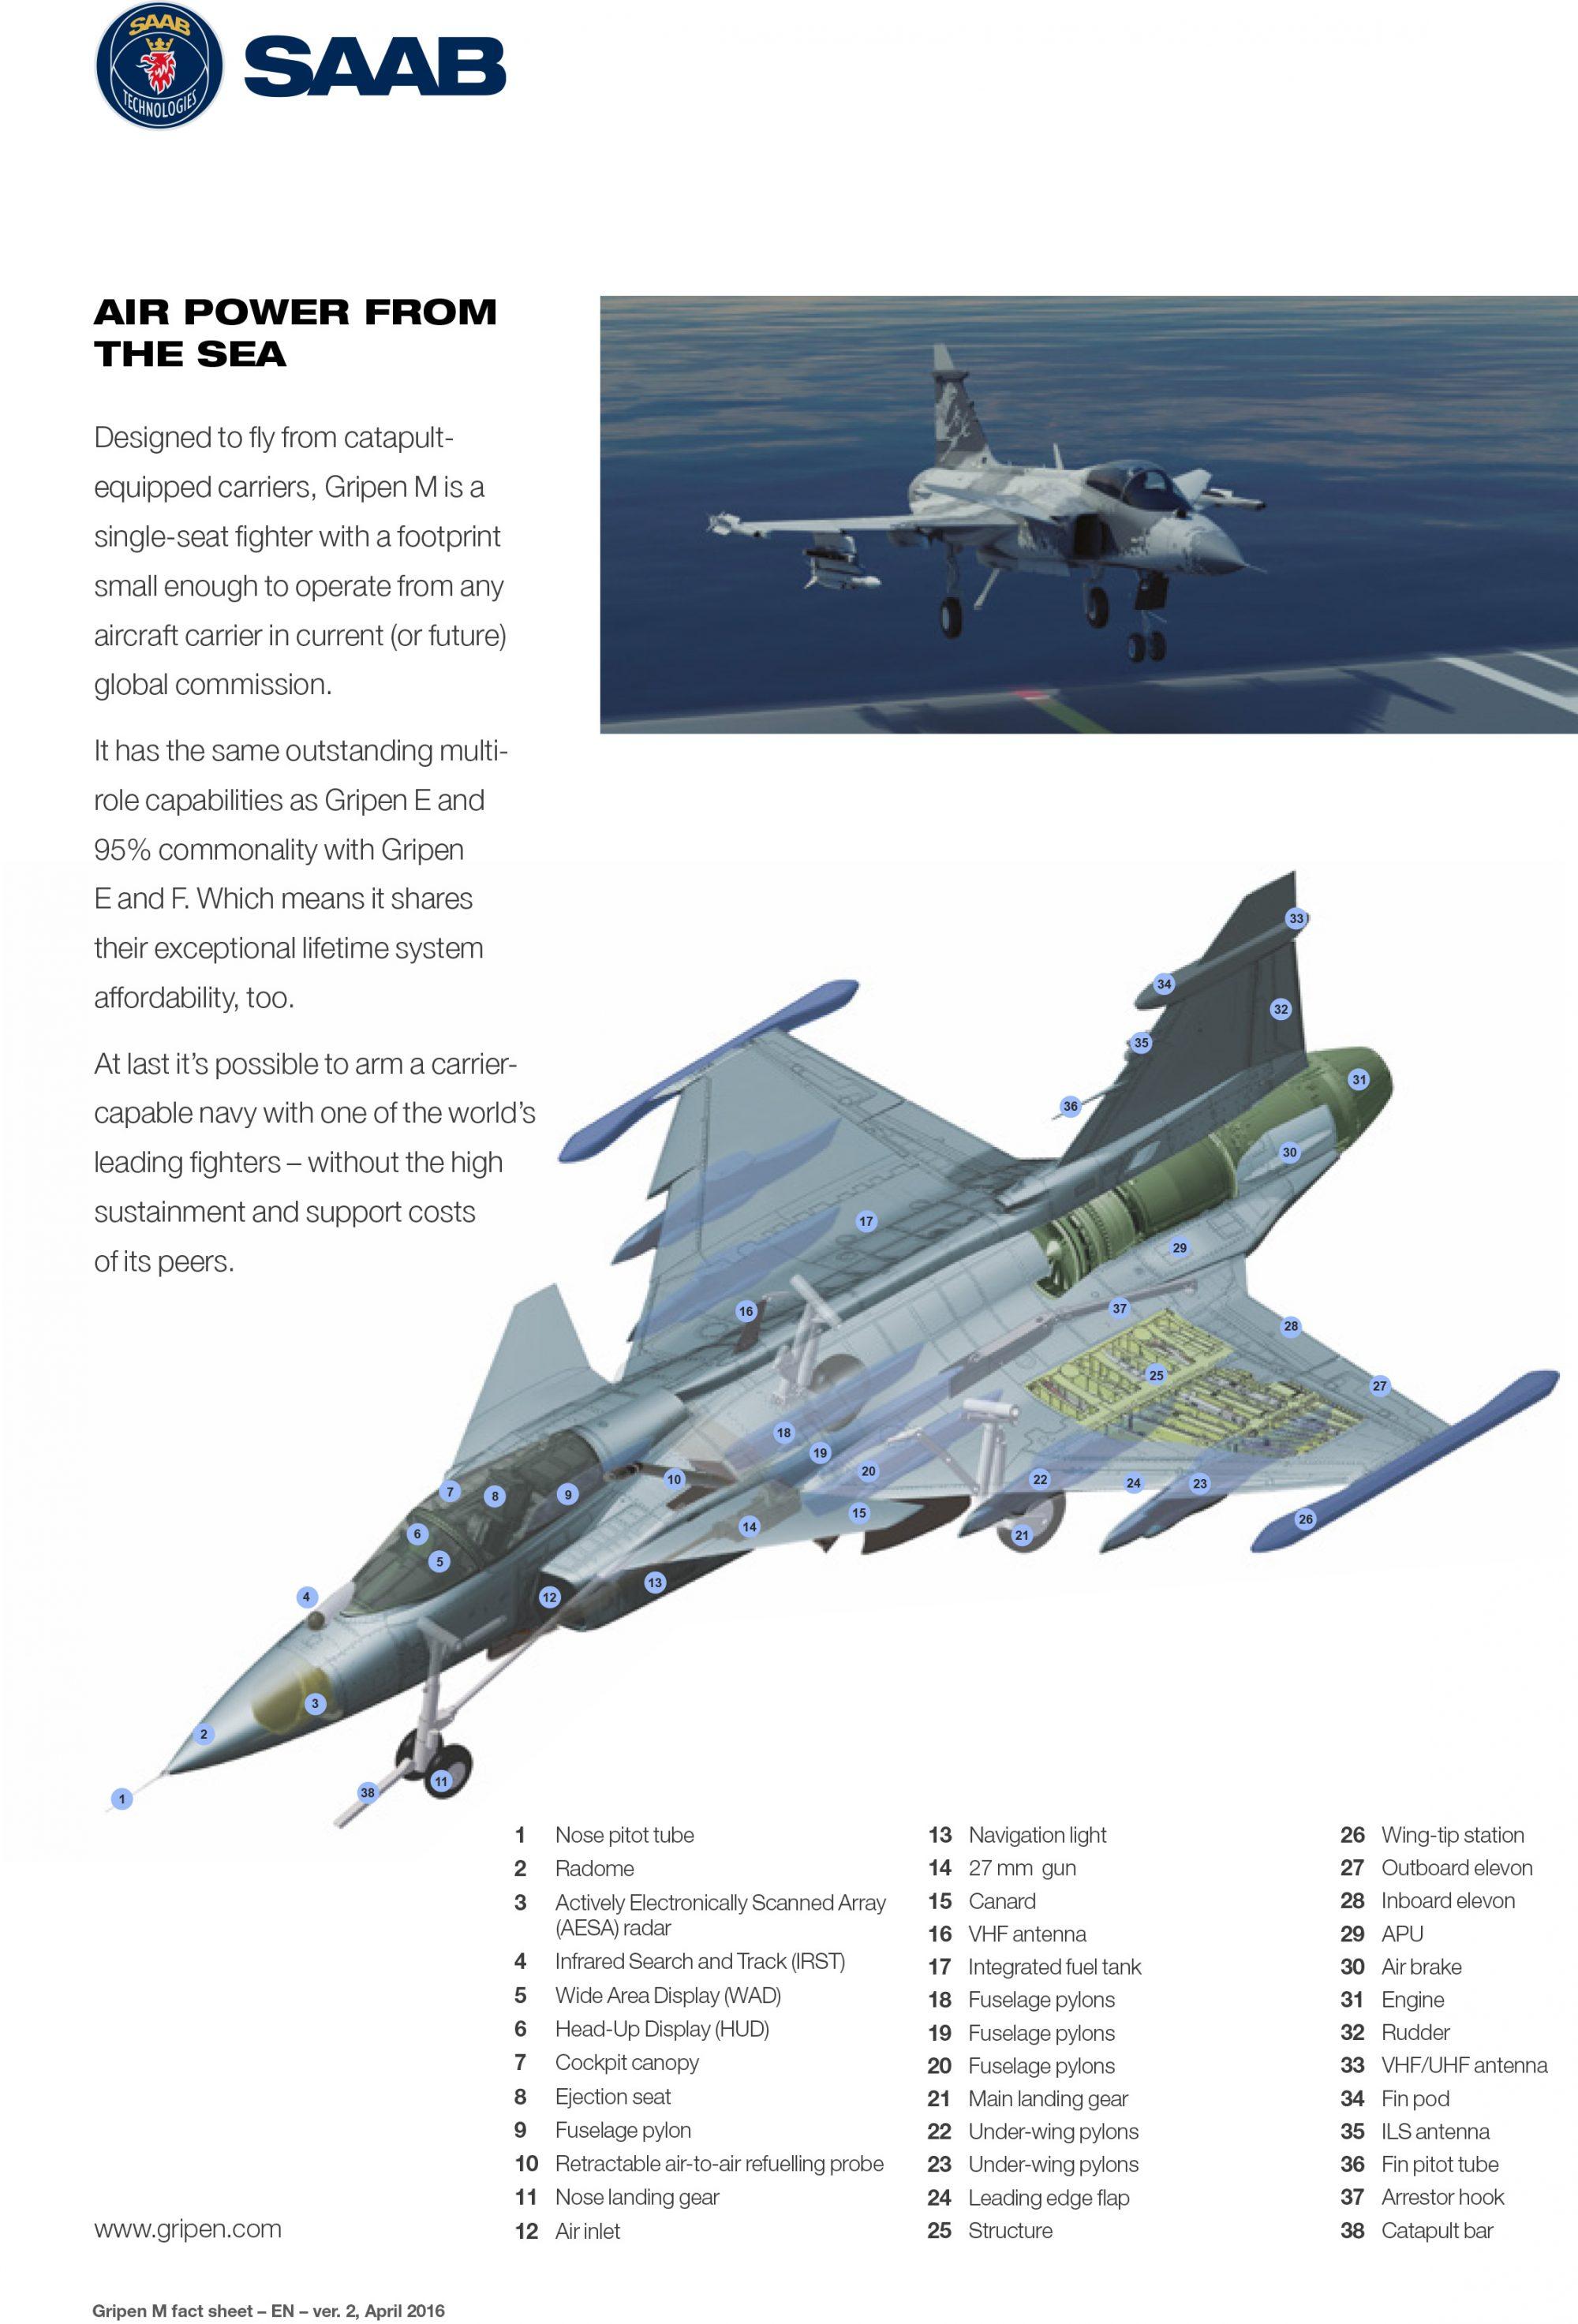 Caça Gripen Maritime, versão naval do Gripen E proposta pela Saab